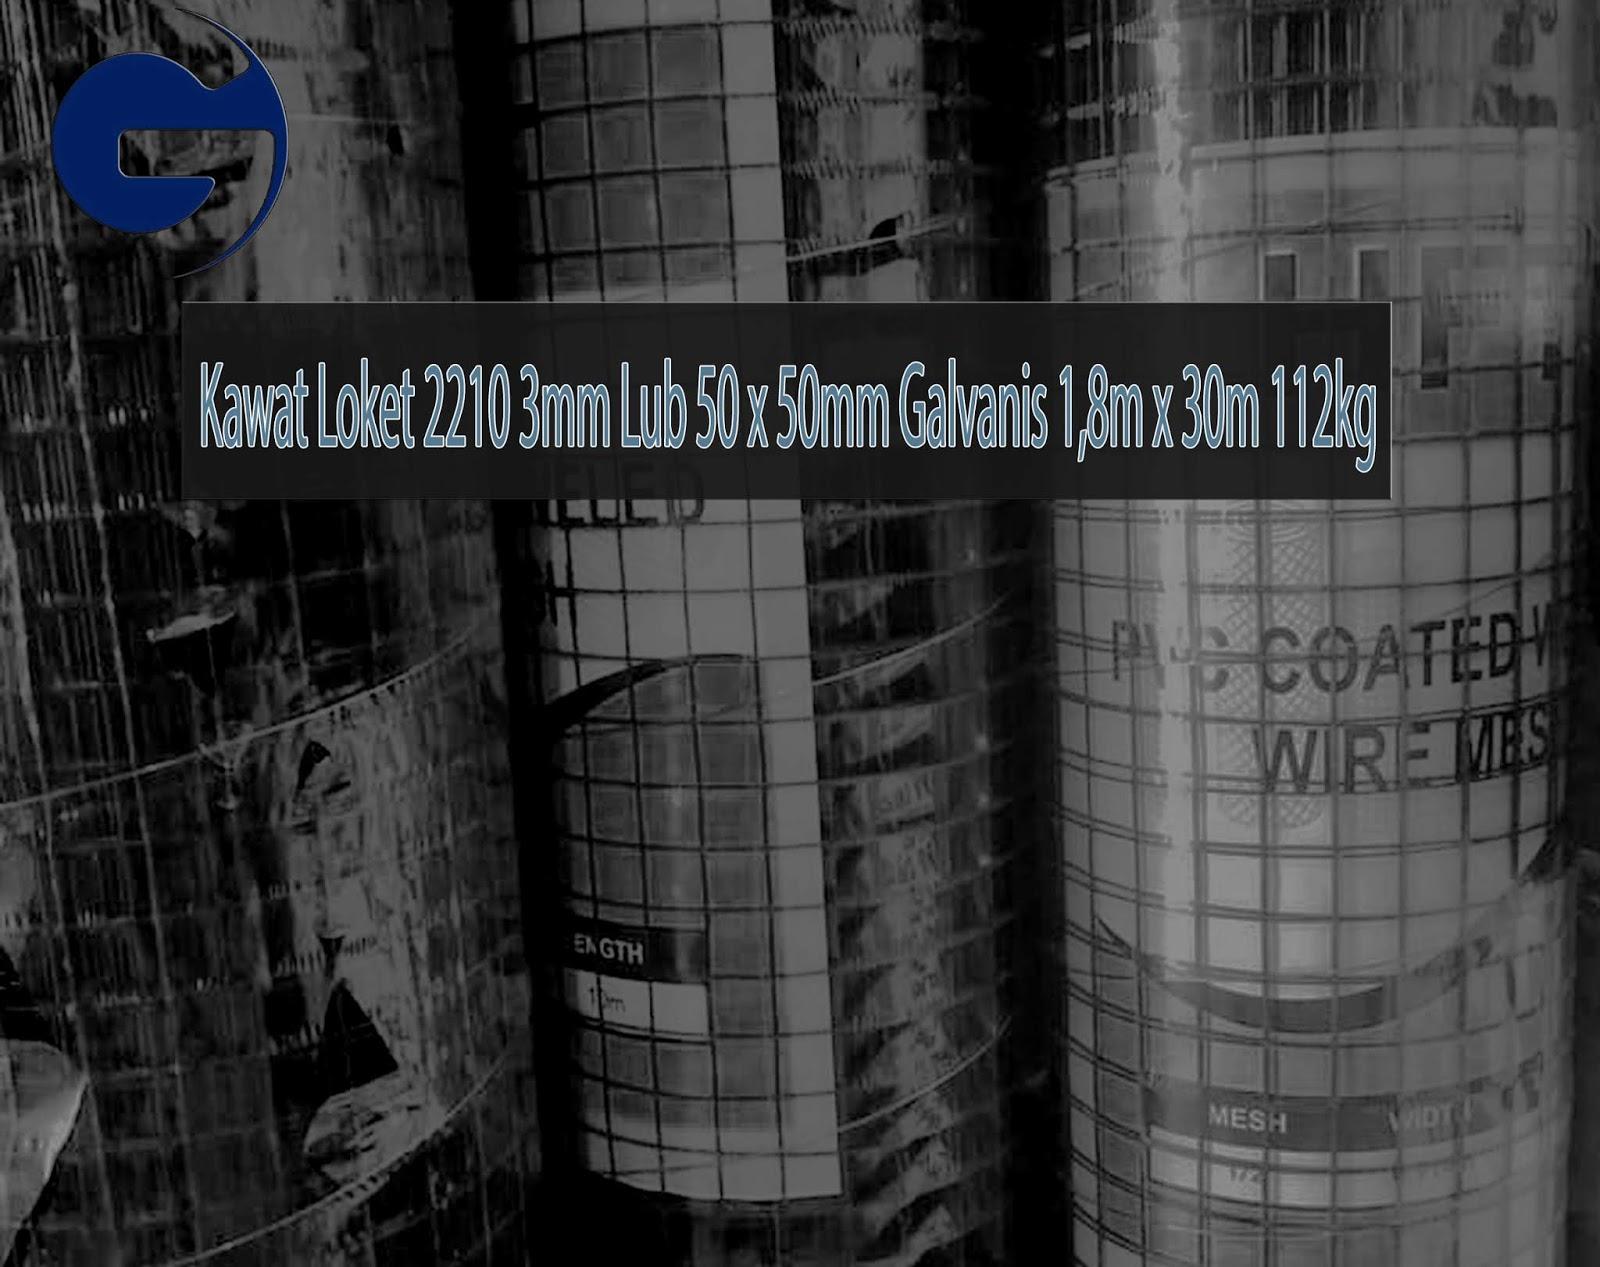 Jual Kawat Loket 2210 3mm Lub 50 x 50mm Galvanis 1,8m x 30m 112kg